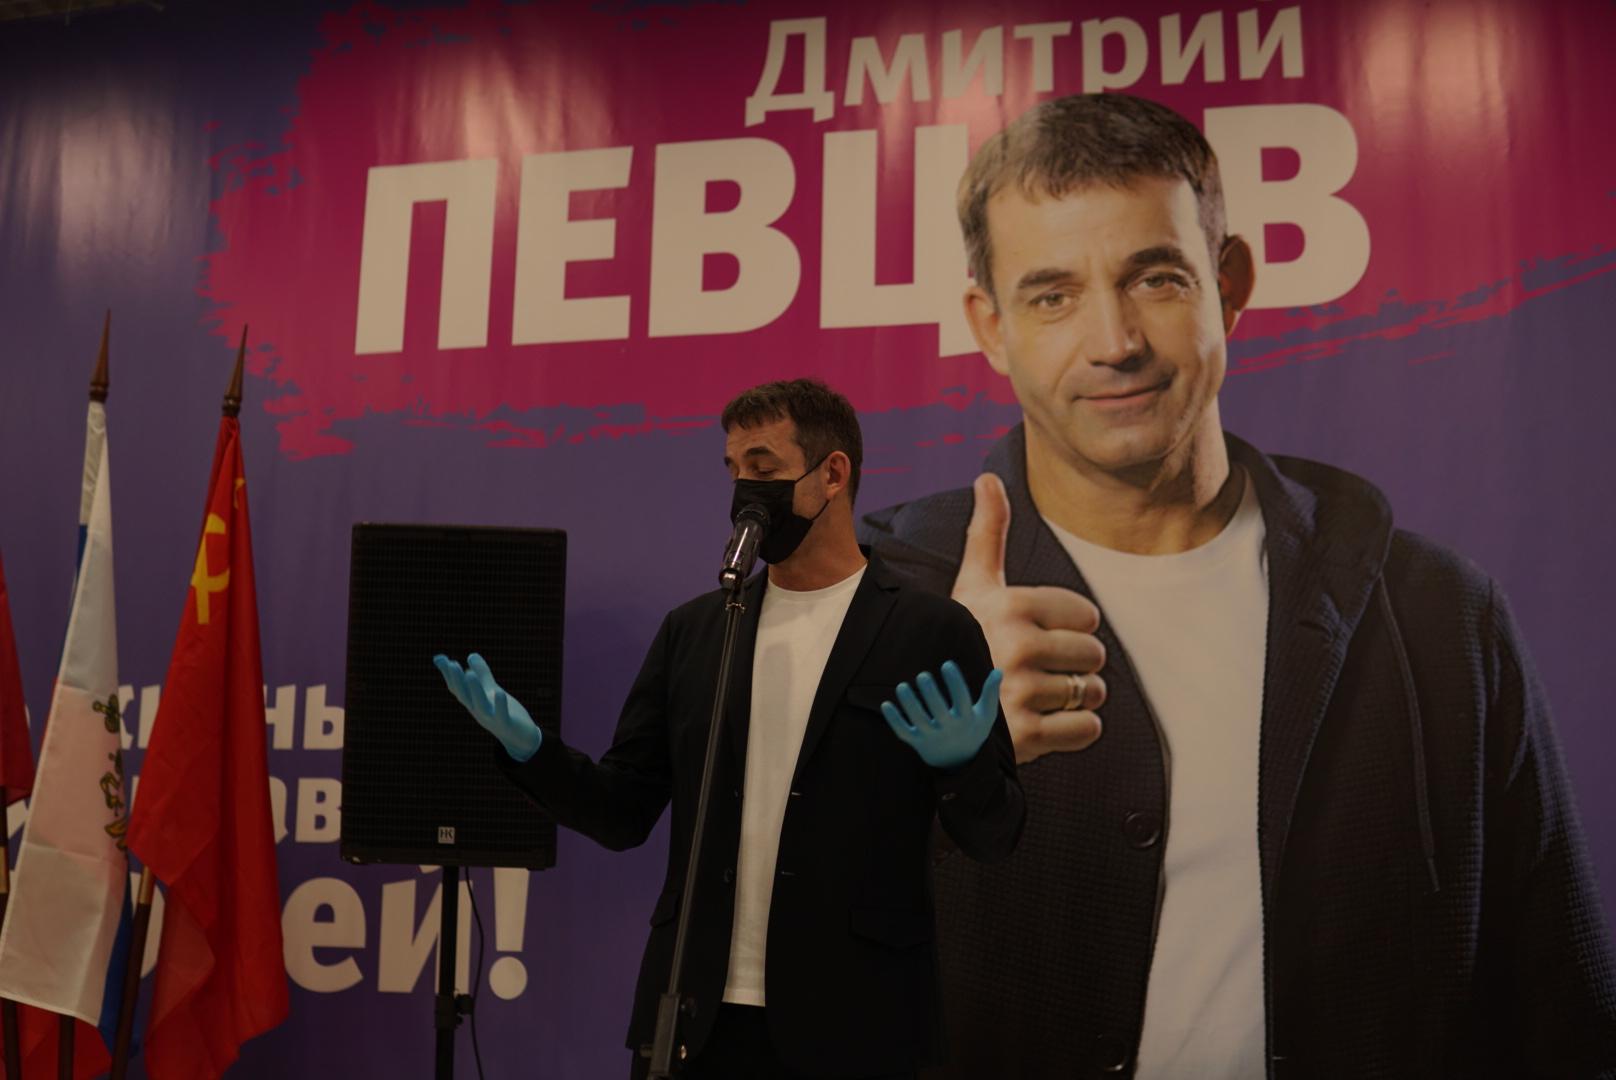 Дмитрий Певцов баллотируется в Госдуму как самовыдвиженец